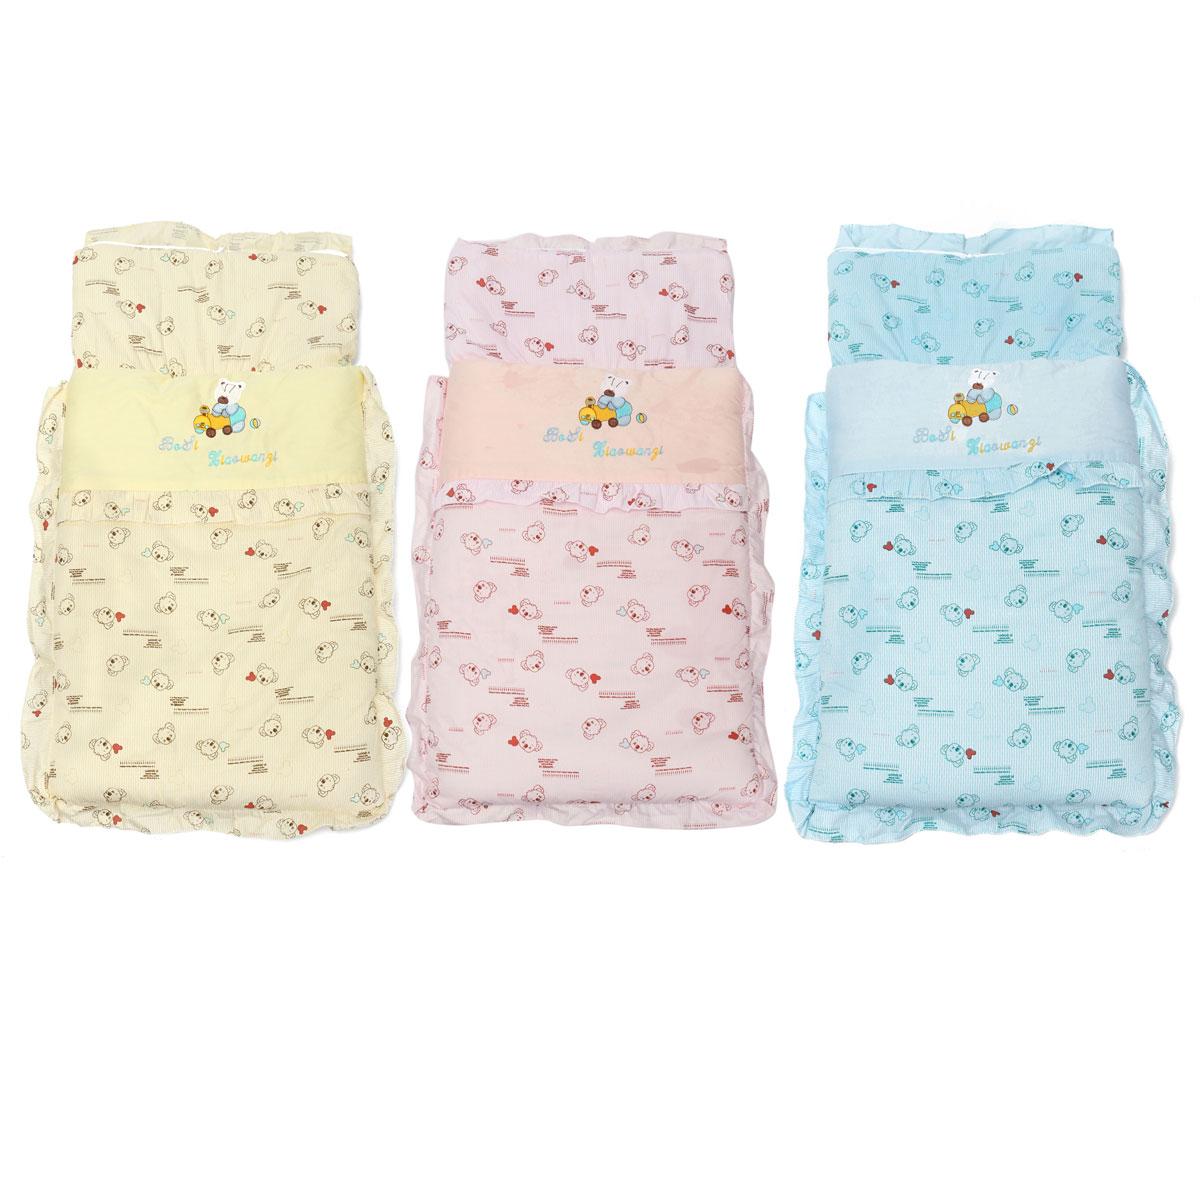 Infant Newborn Baby Children Warm 100% Cotton Two way ...